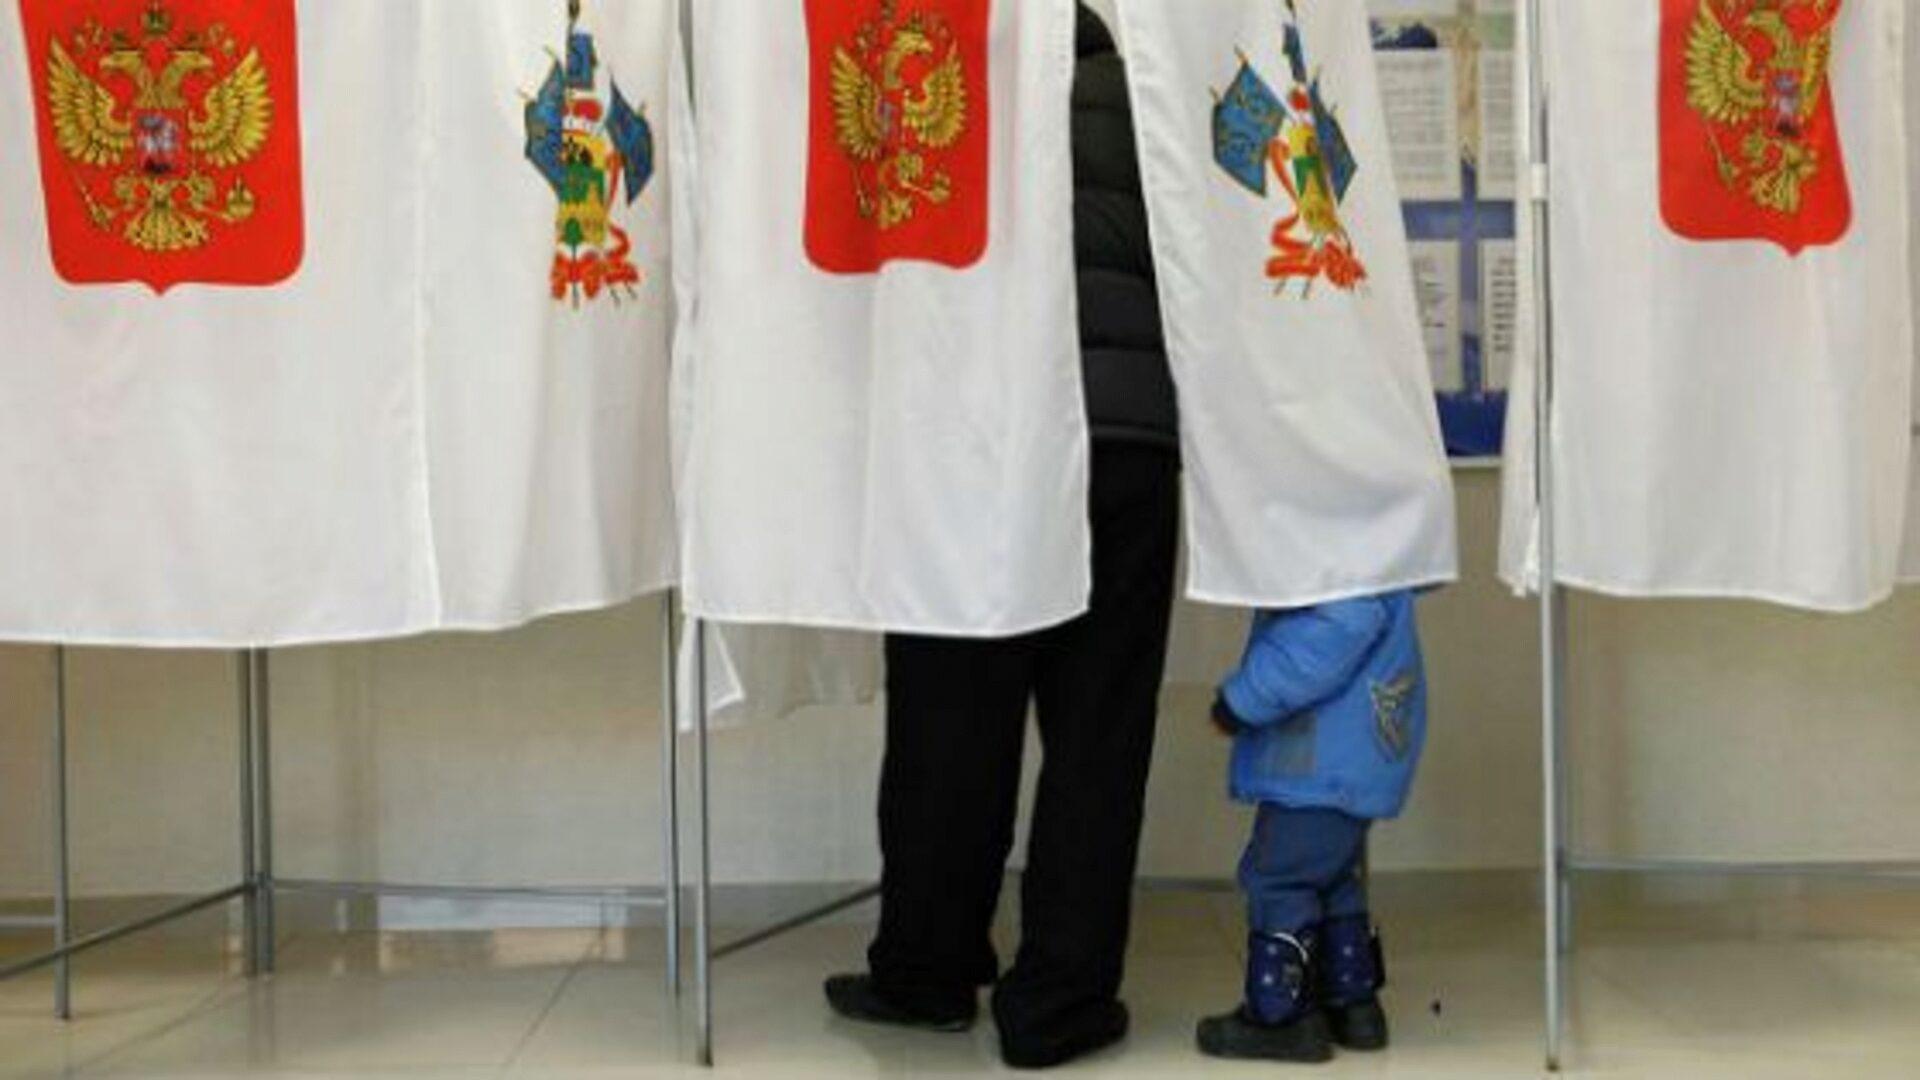 Принять участие в выборах можно с 18 лет